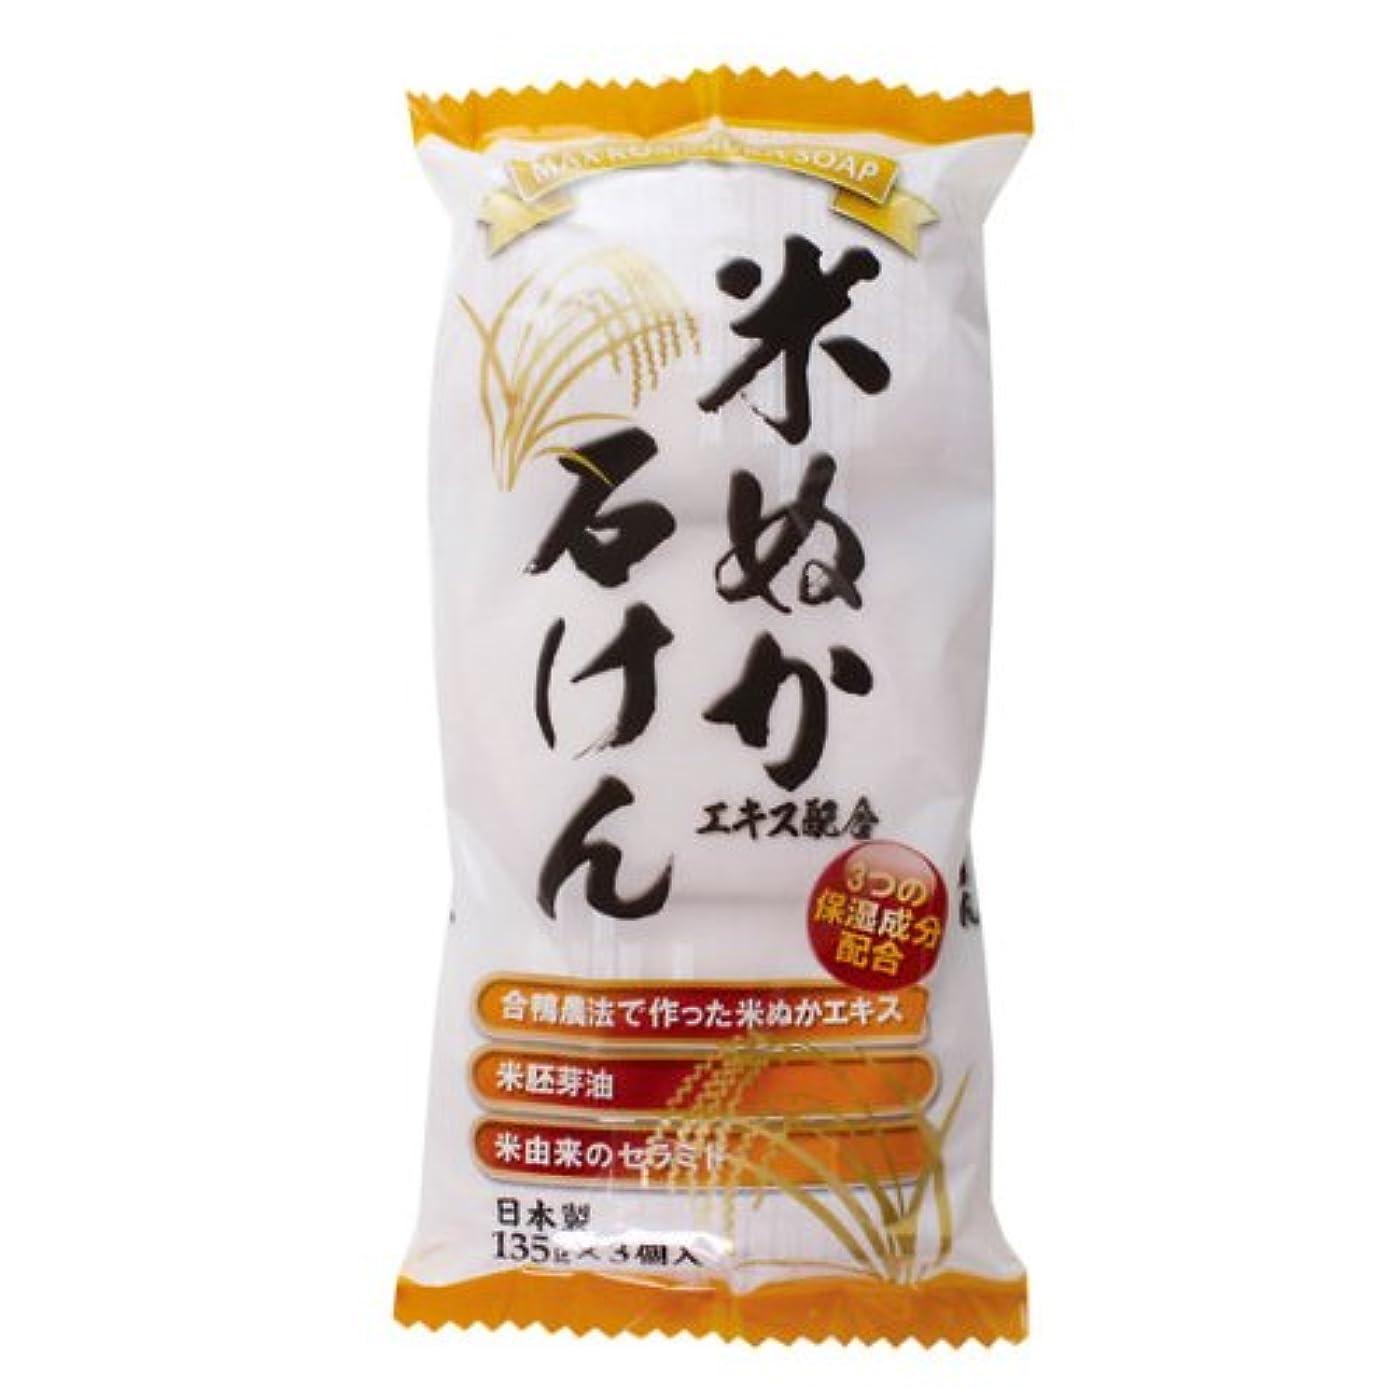 見えない代数的悪意のある米ぬかエキス配合石けん 3個入 135g×3個